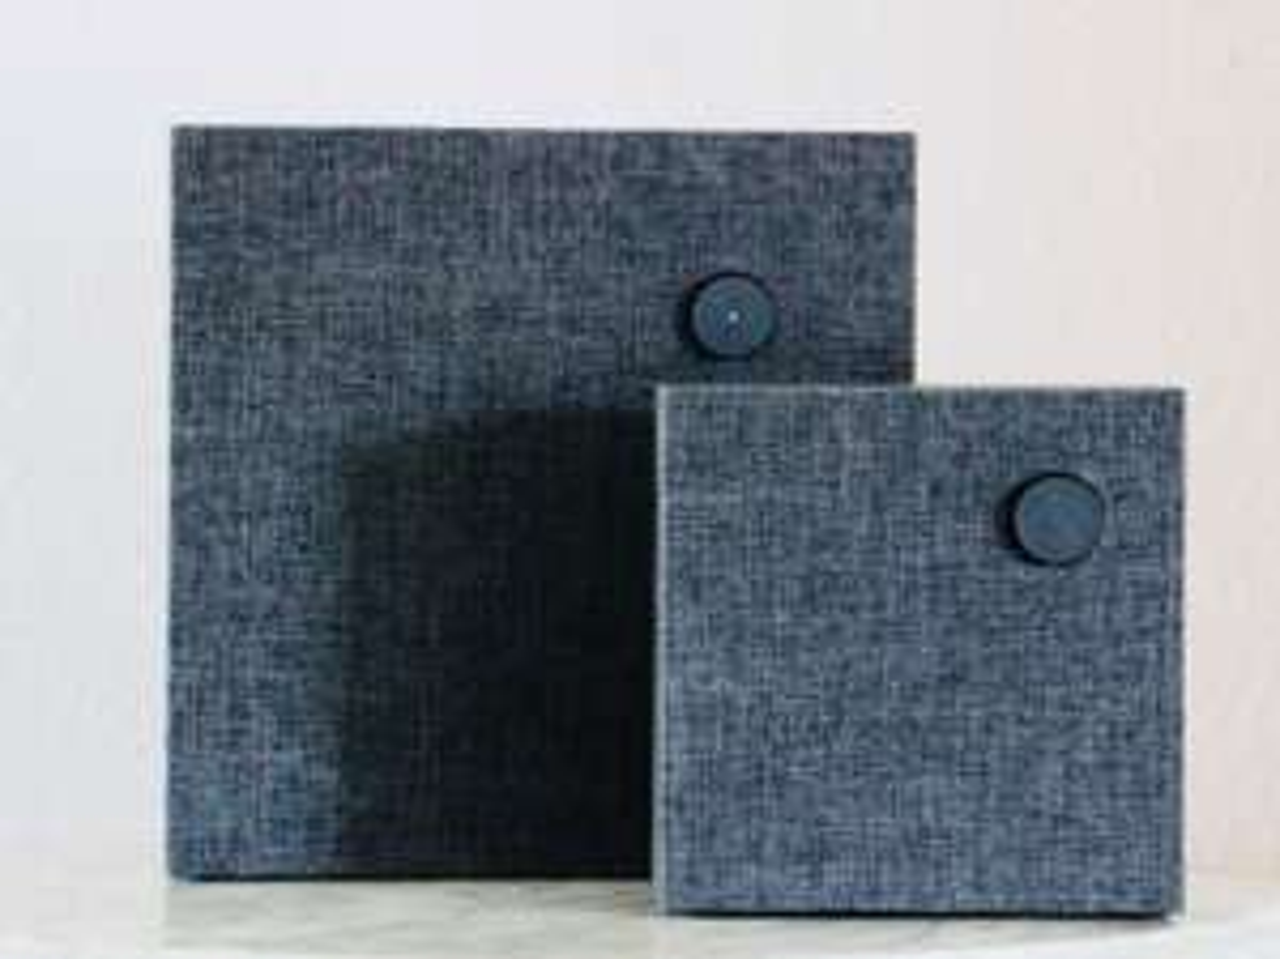 [Ikea Knut-Angebot] Eneby Bluetooth-Lautsprecher, versch.Farben 20x20 cm für 34,98€ oder 30x30cm für 64,98€